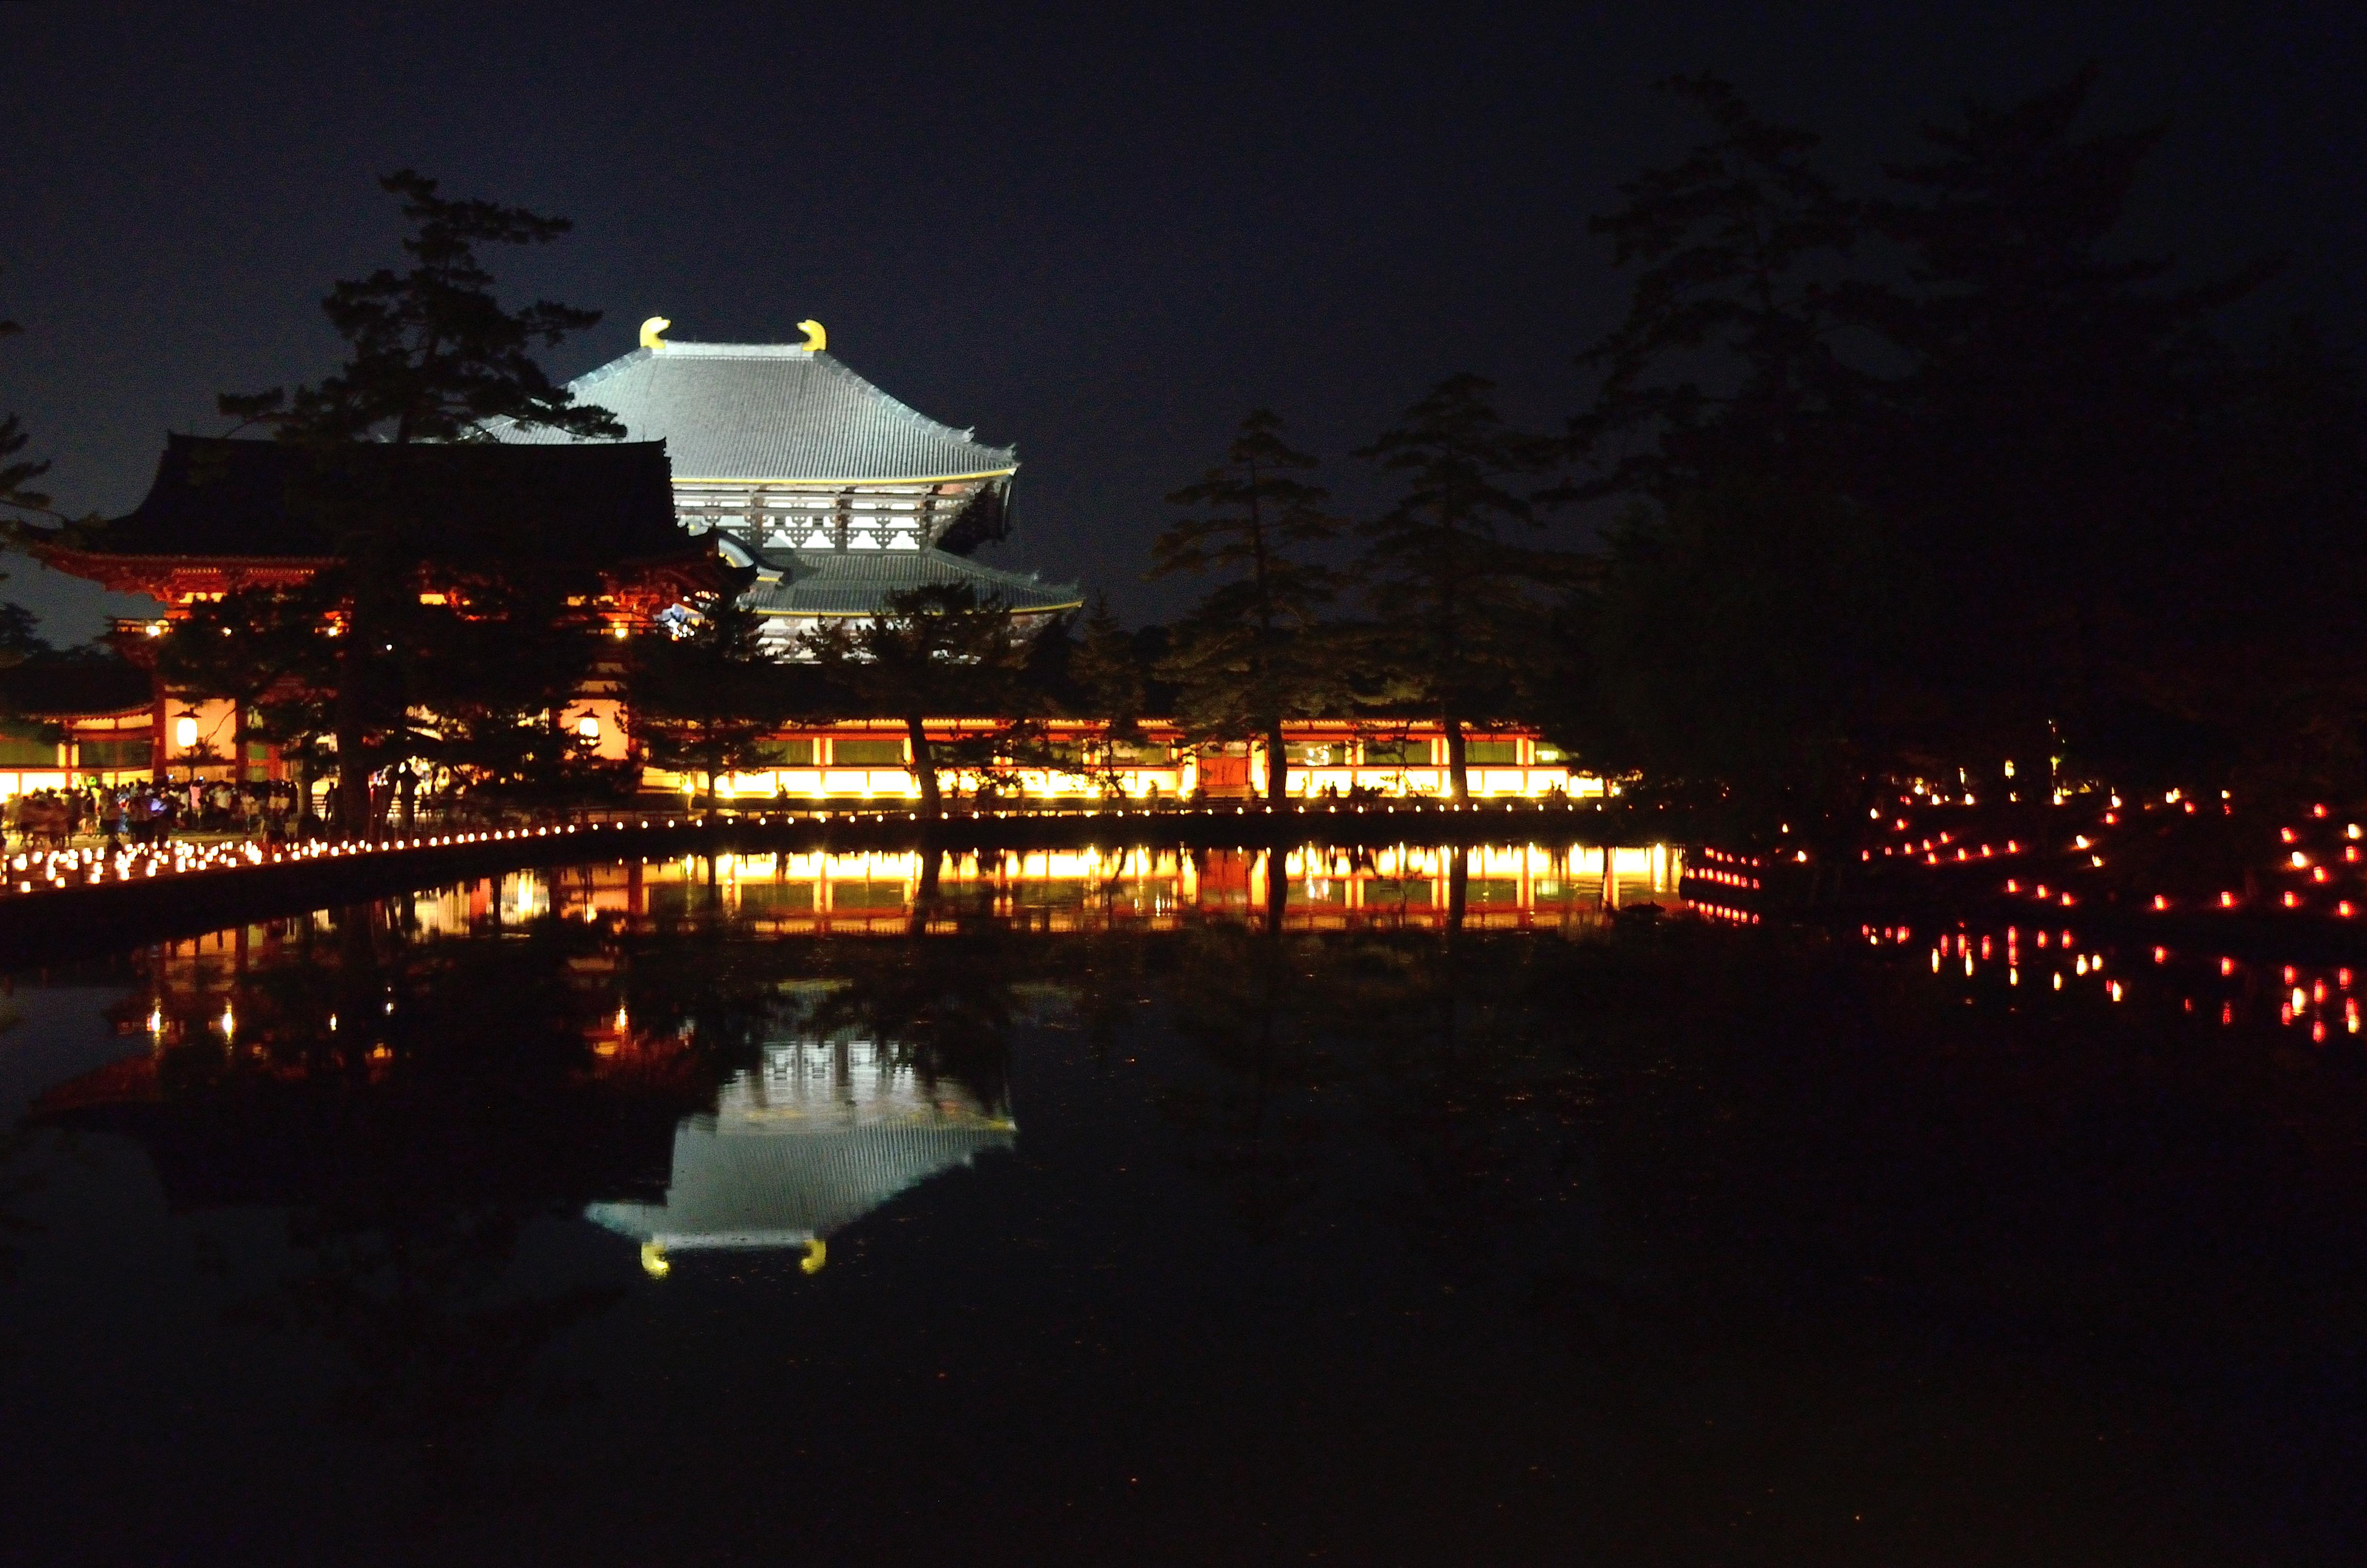 なら燈花会2013 大仏殿と中門を映し出す鏡池